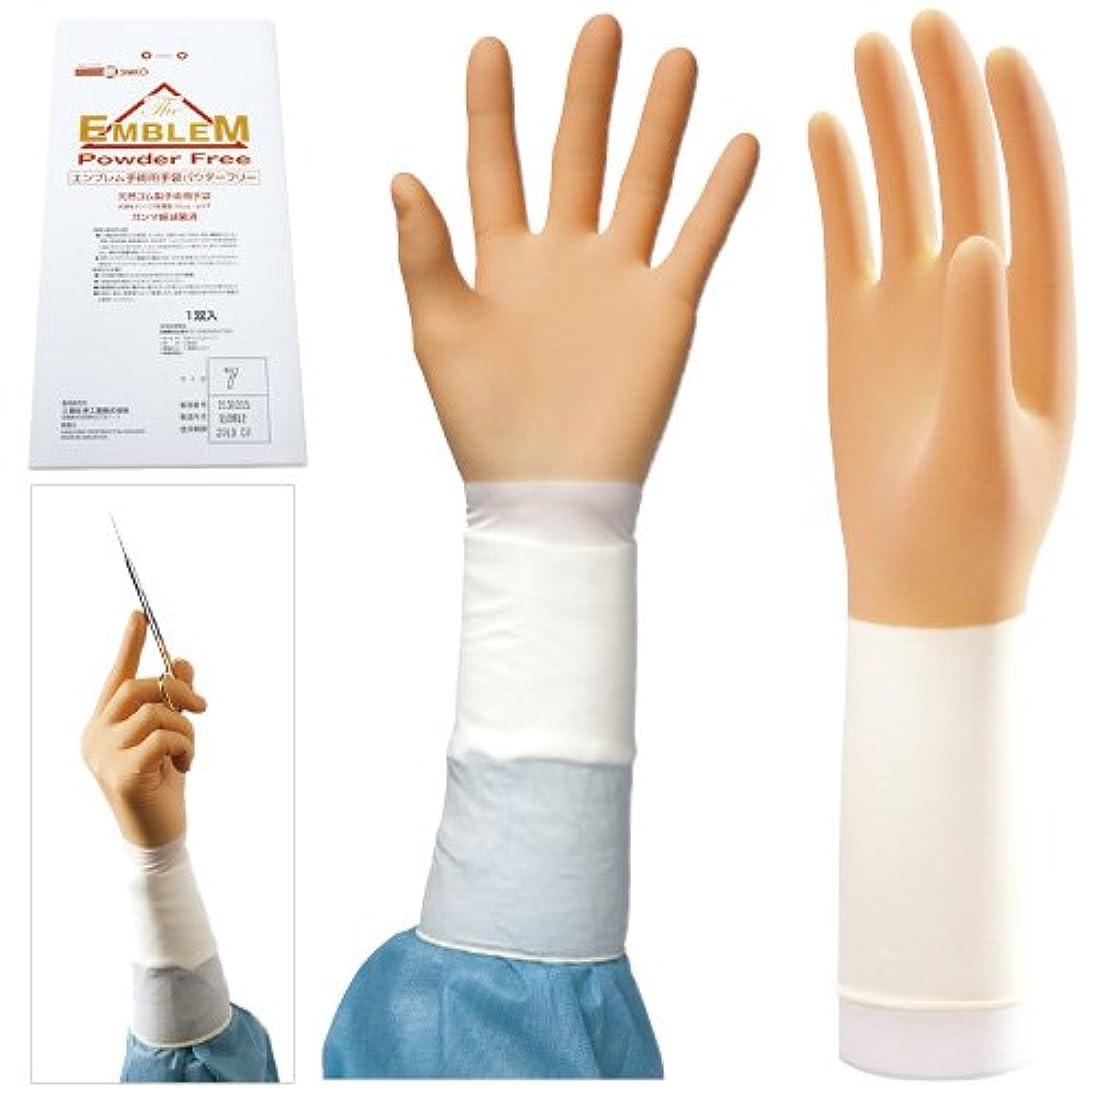 文字今ペックエンブレム手術用手袋 パウダーフリー NEW(20双入) 5.5